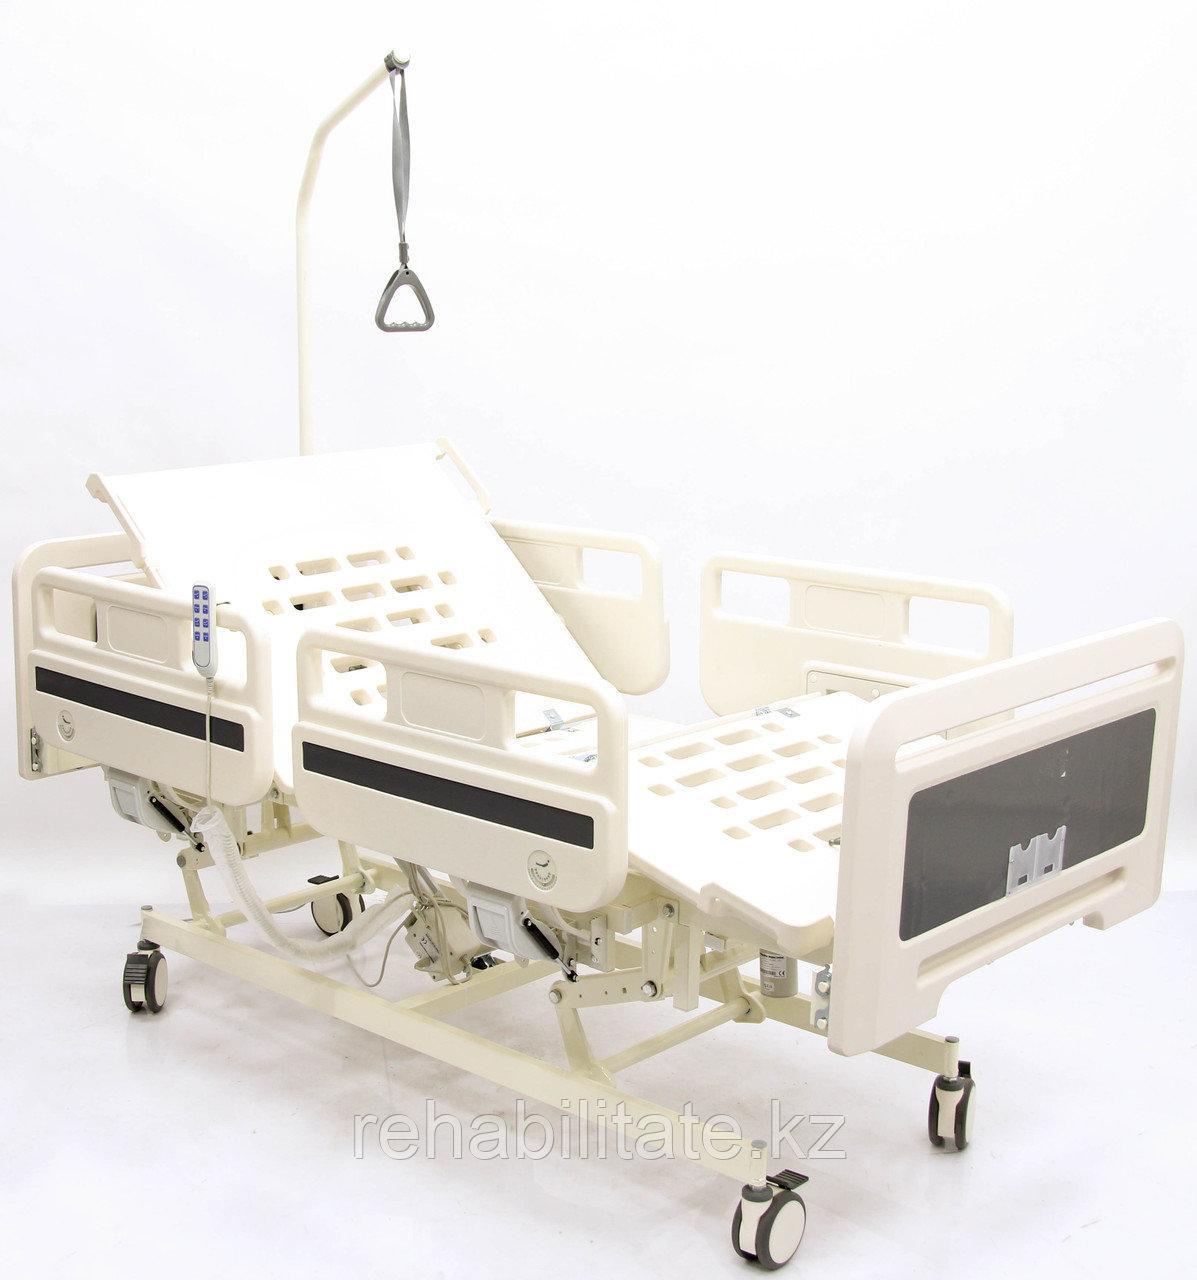 Кровать функциональная с электроприводными регулировками пластикового ложа и боковых ограждений